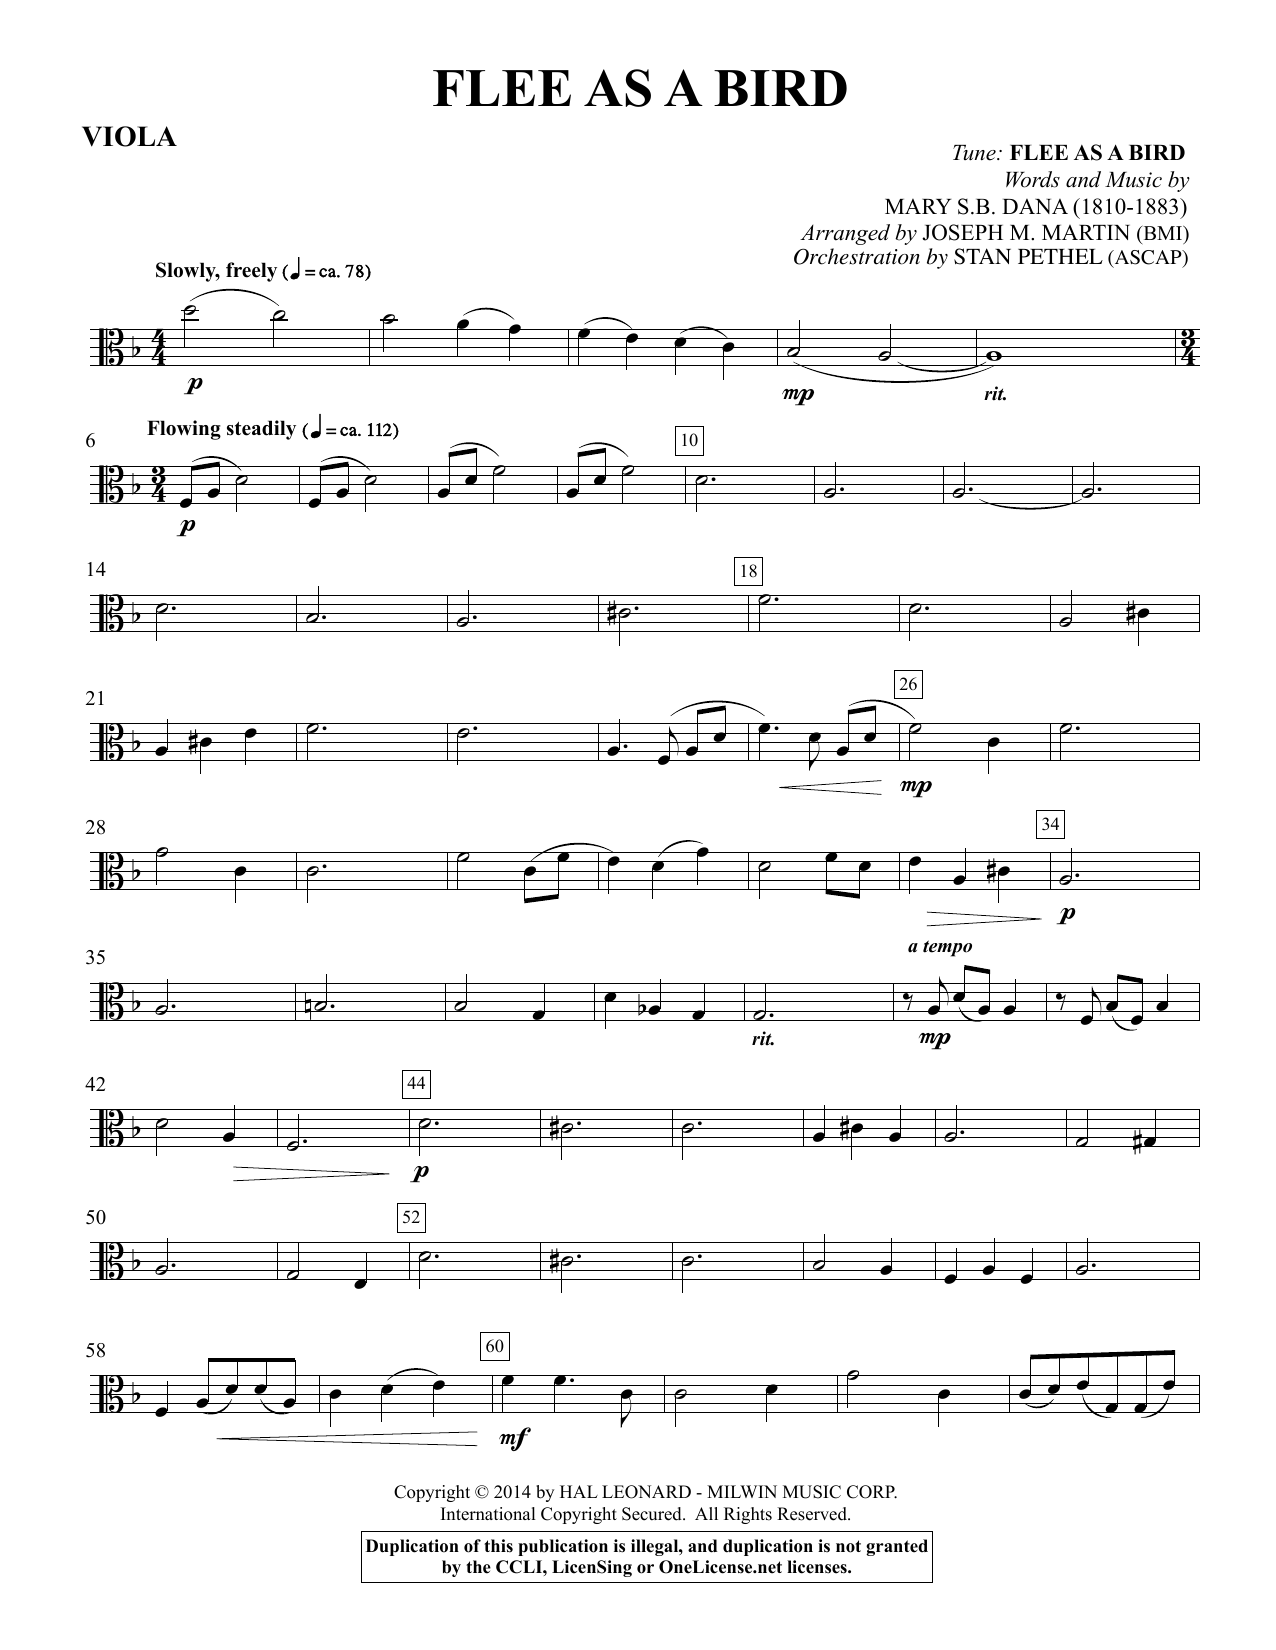 Flee As a Bird - Viola Sheet Music